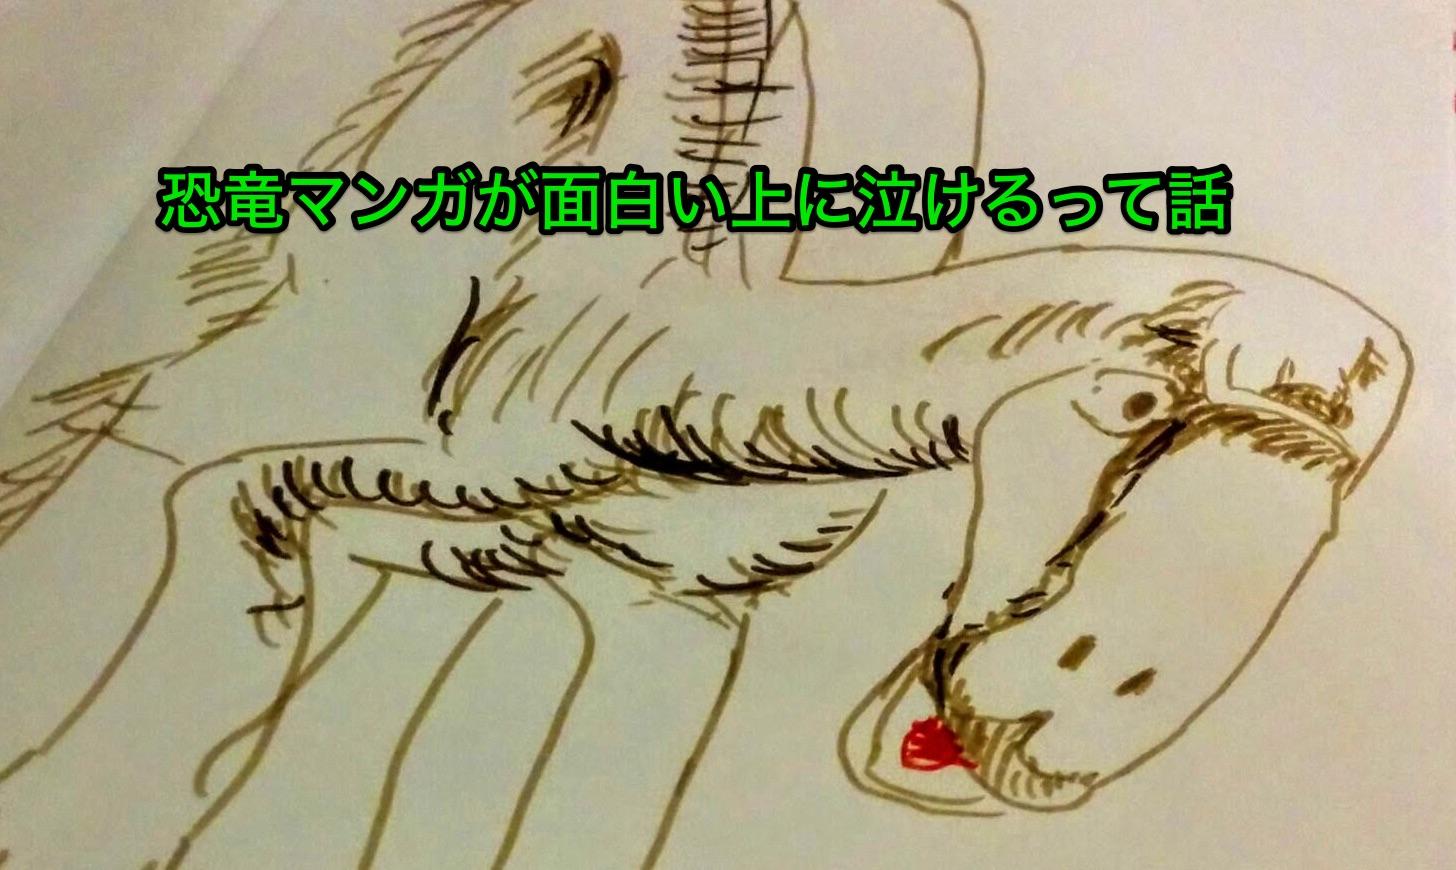 恐竜マンガ